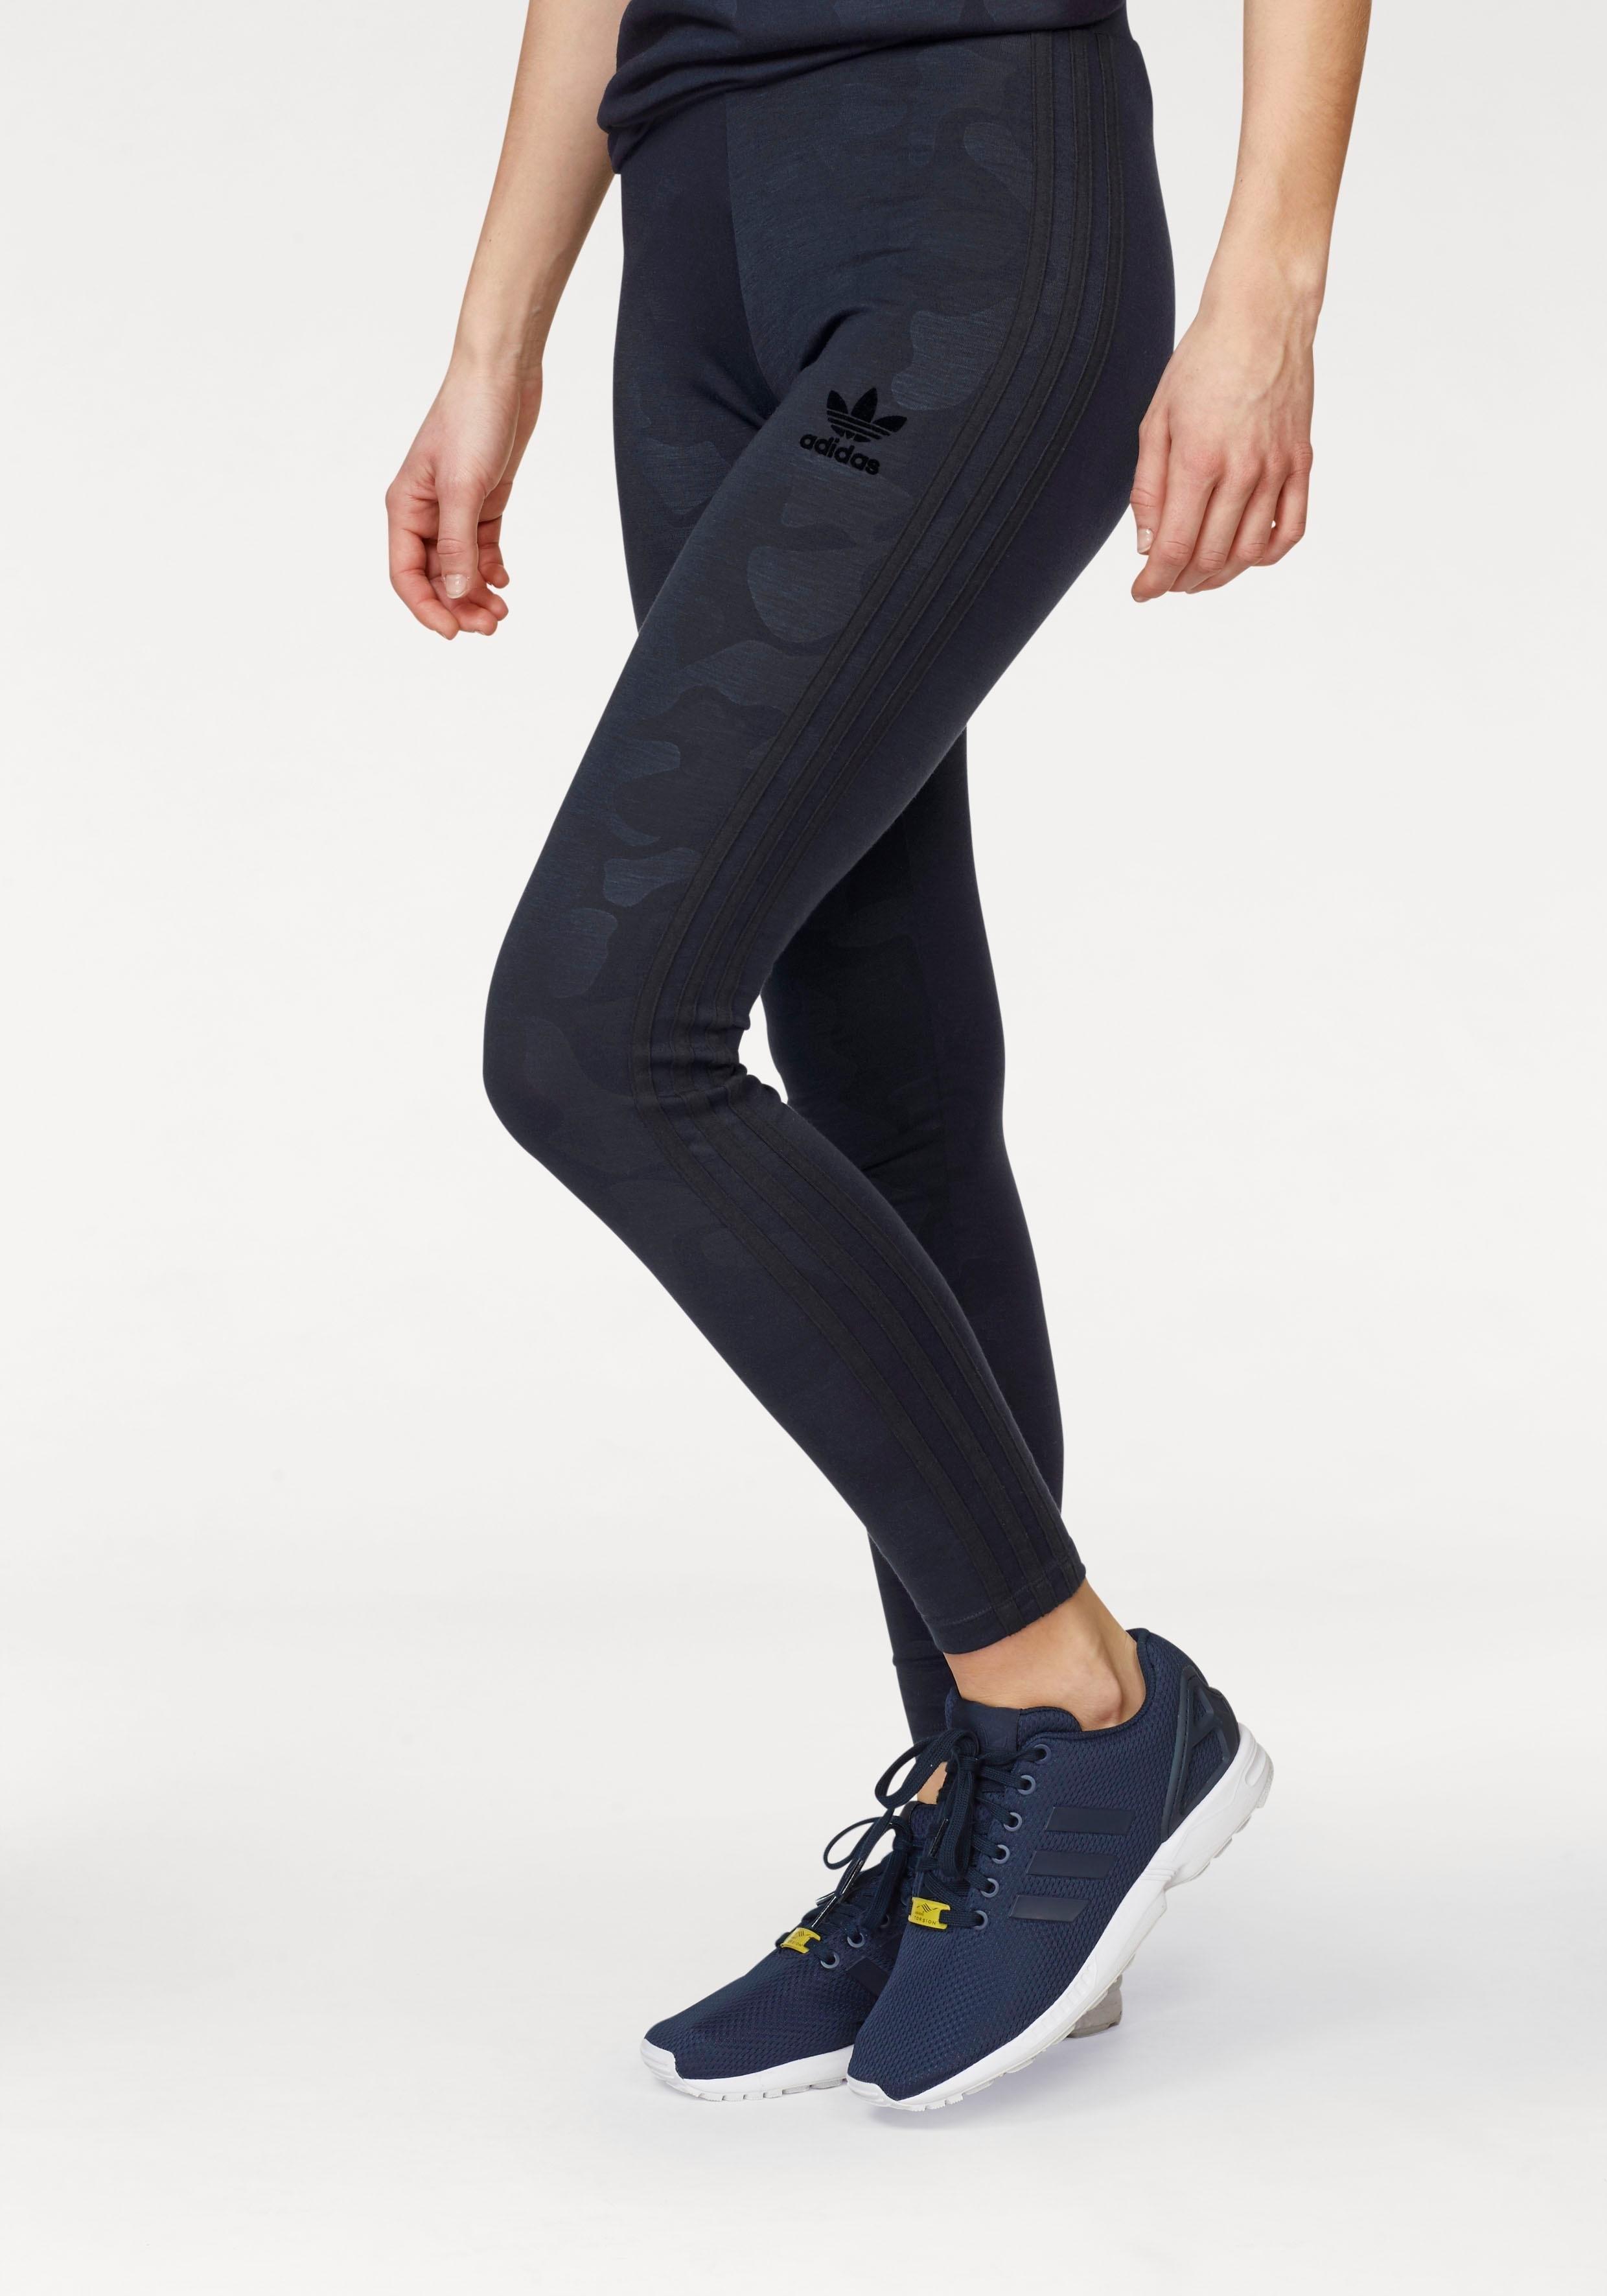 Adidas Originals legging u00bb3 STRIPES LEGGINGSu00ab online kopen   OTTO